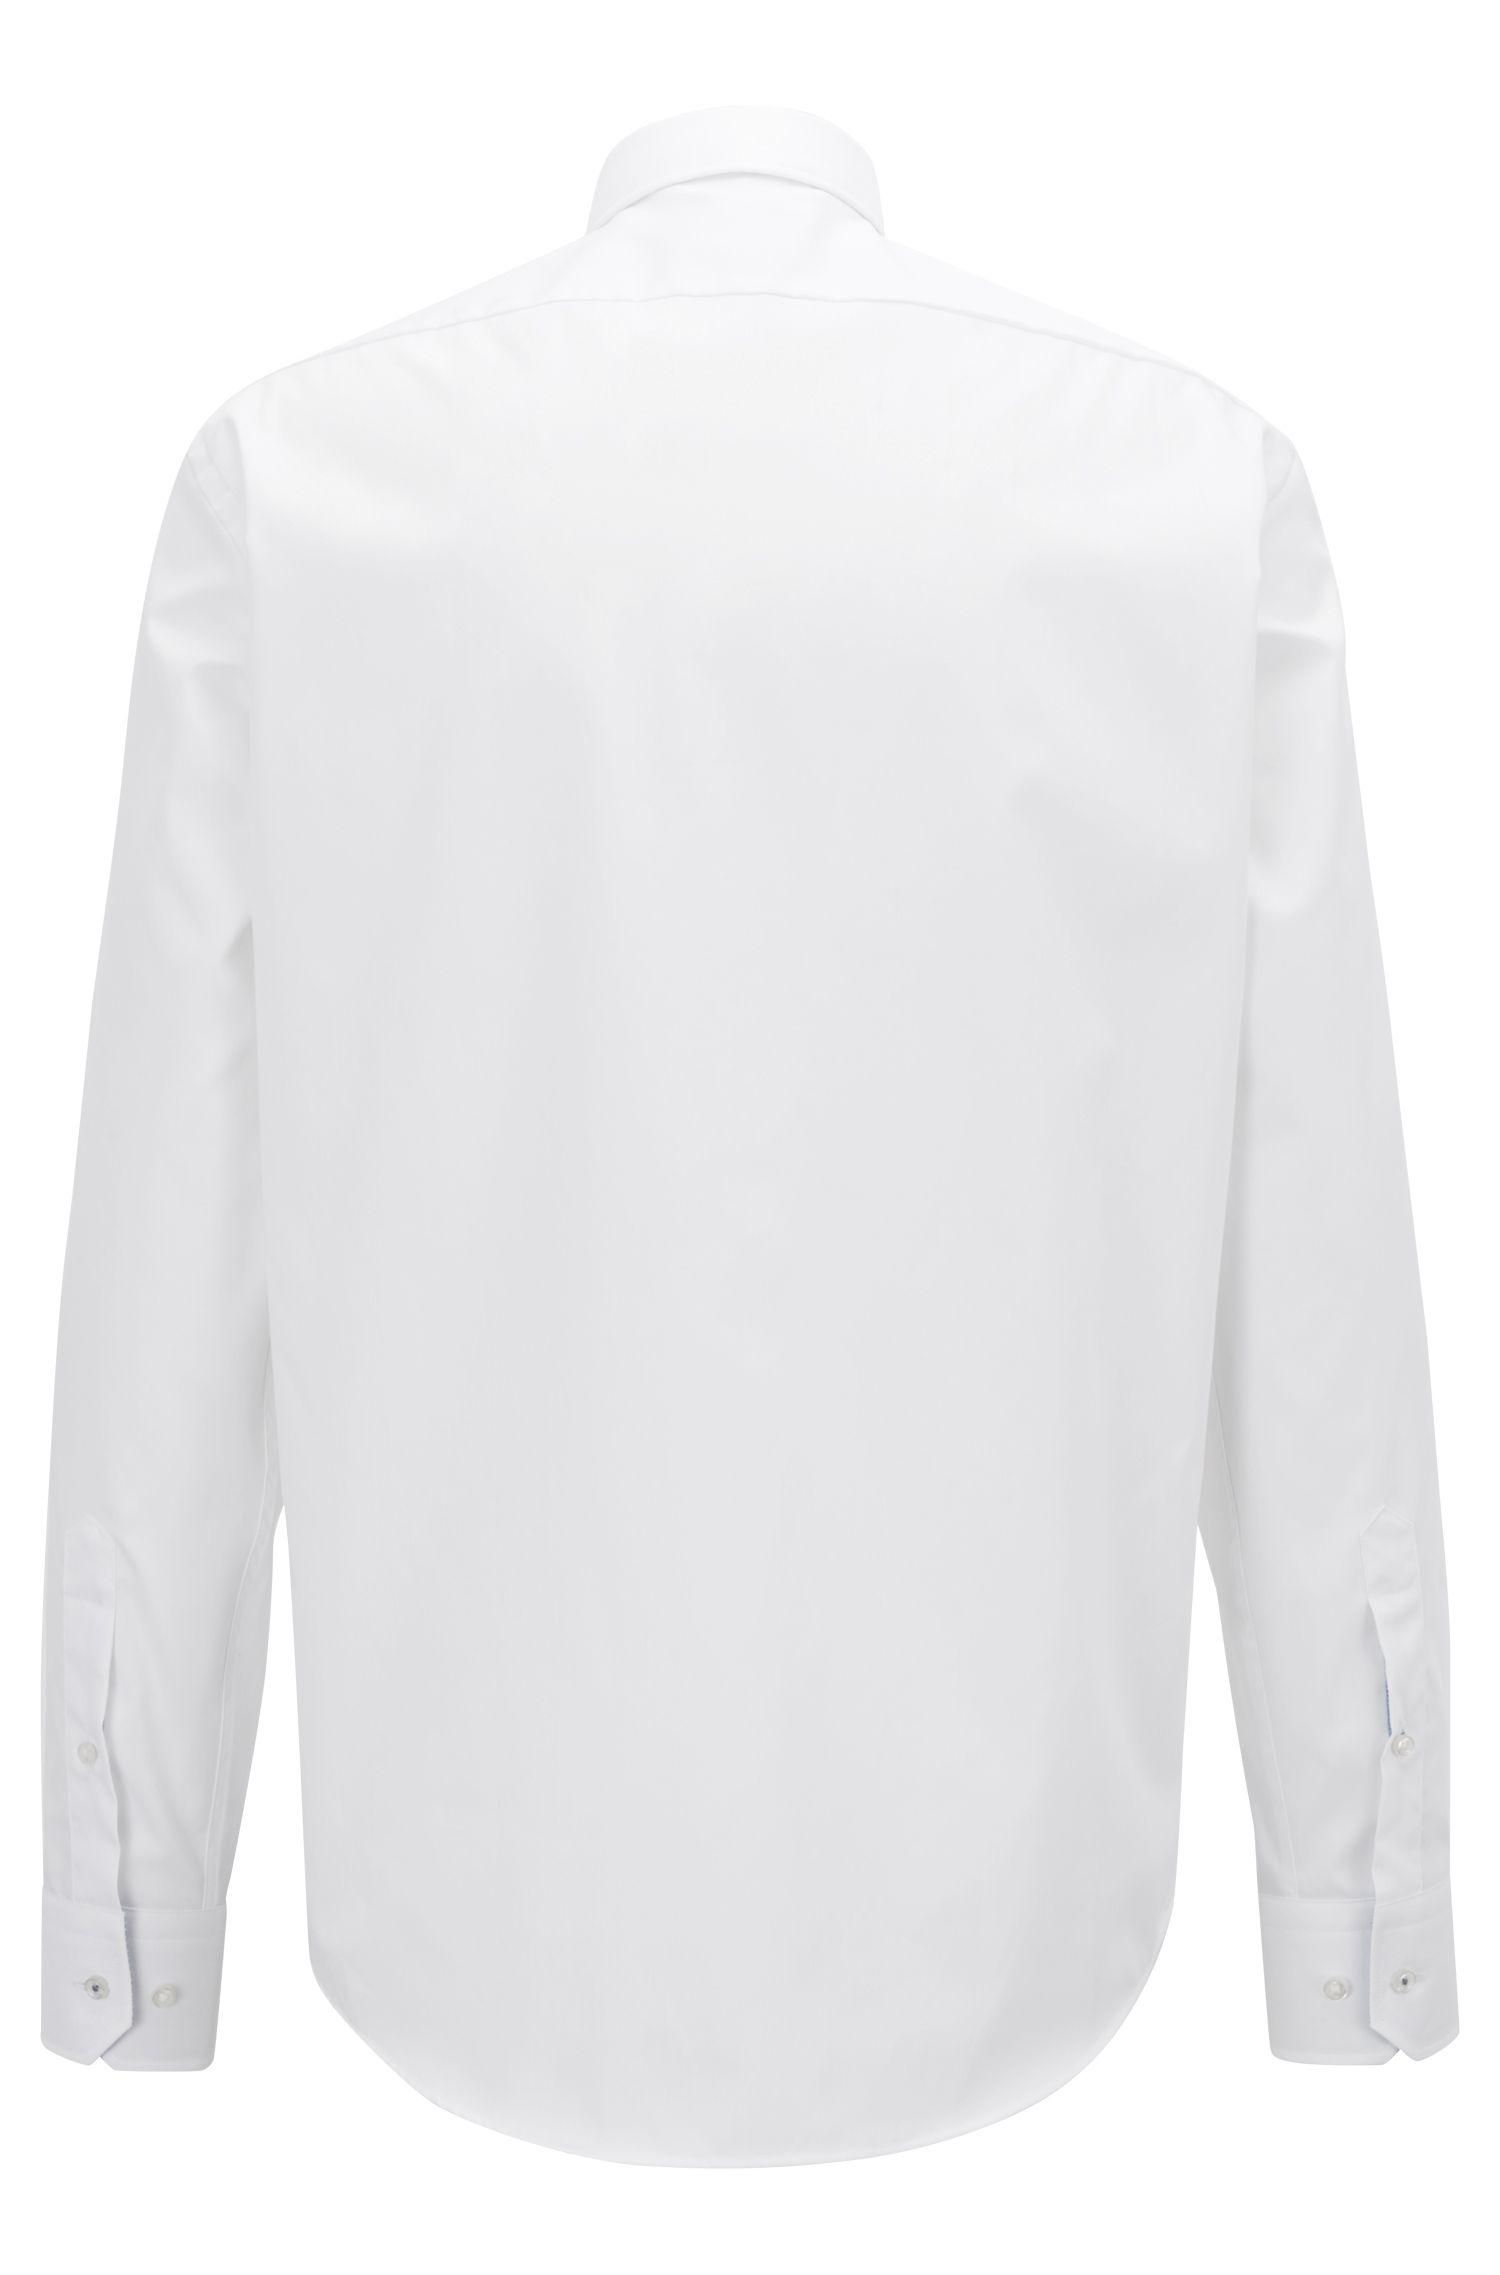 Chemise Regular Fit en coton facile à repasser, avec détails contrastants à l'intérieur, Blanc